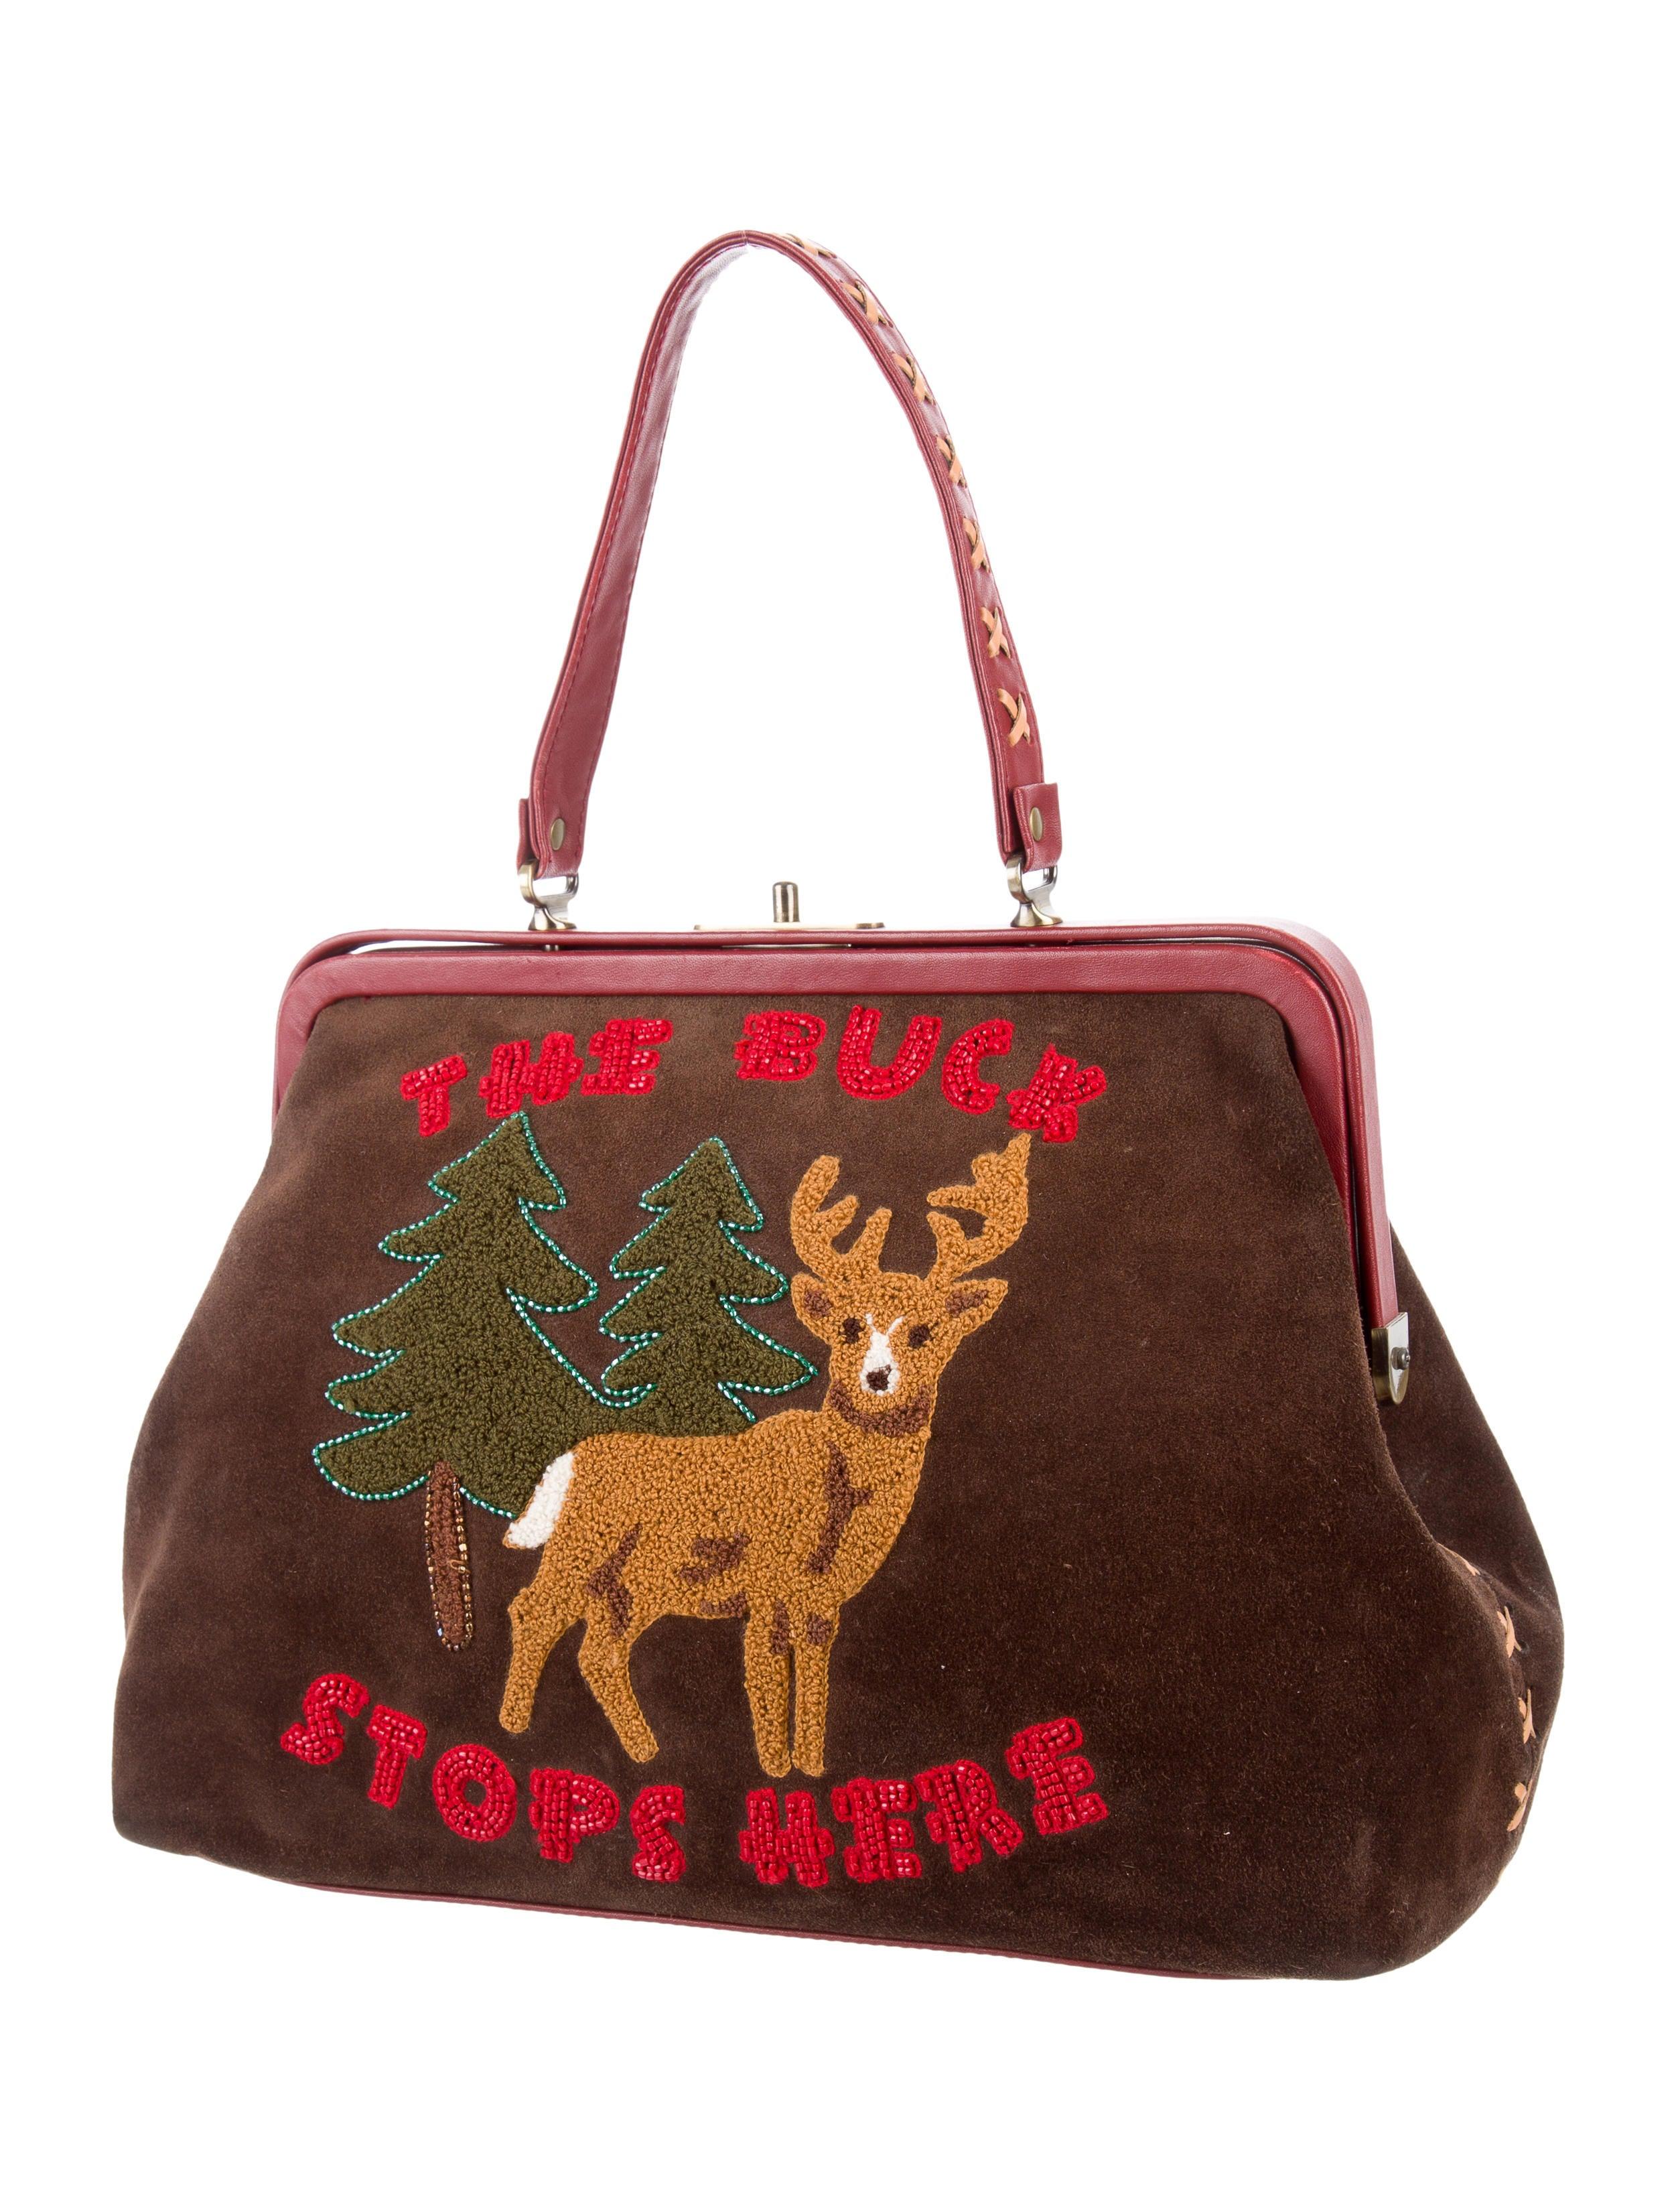 Isabella Fiore Embellished Handle Bag